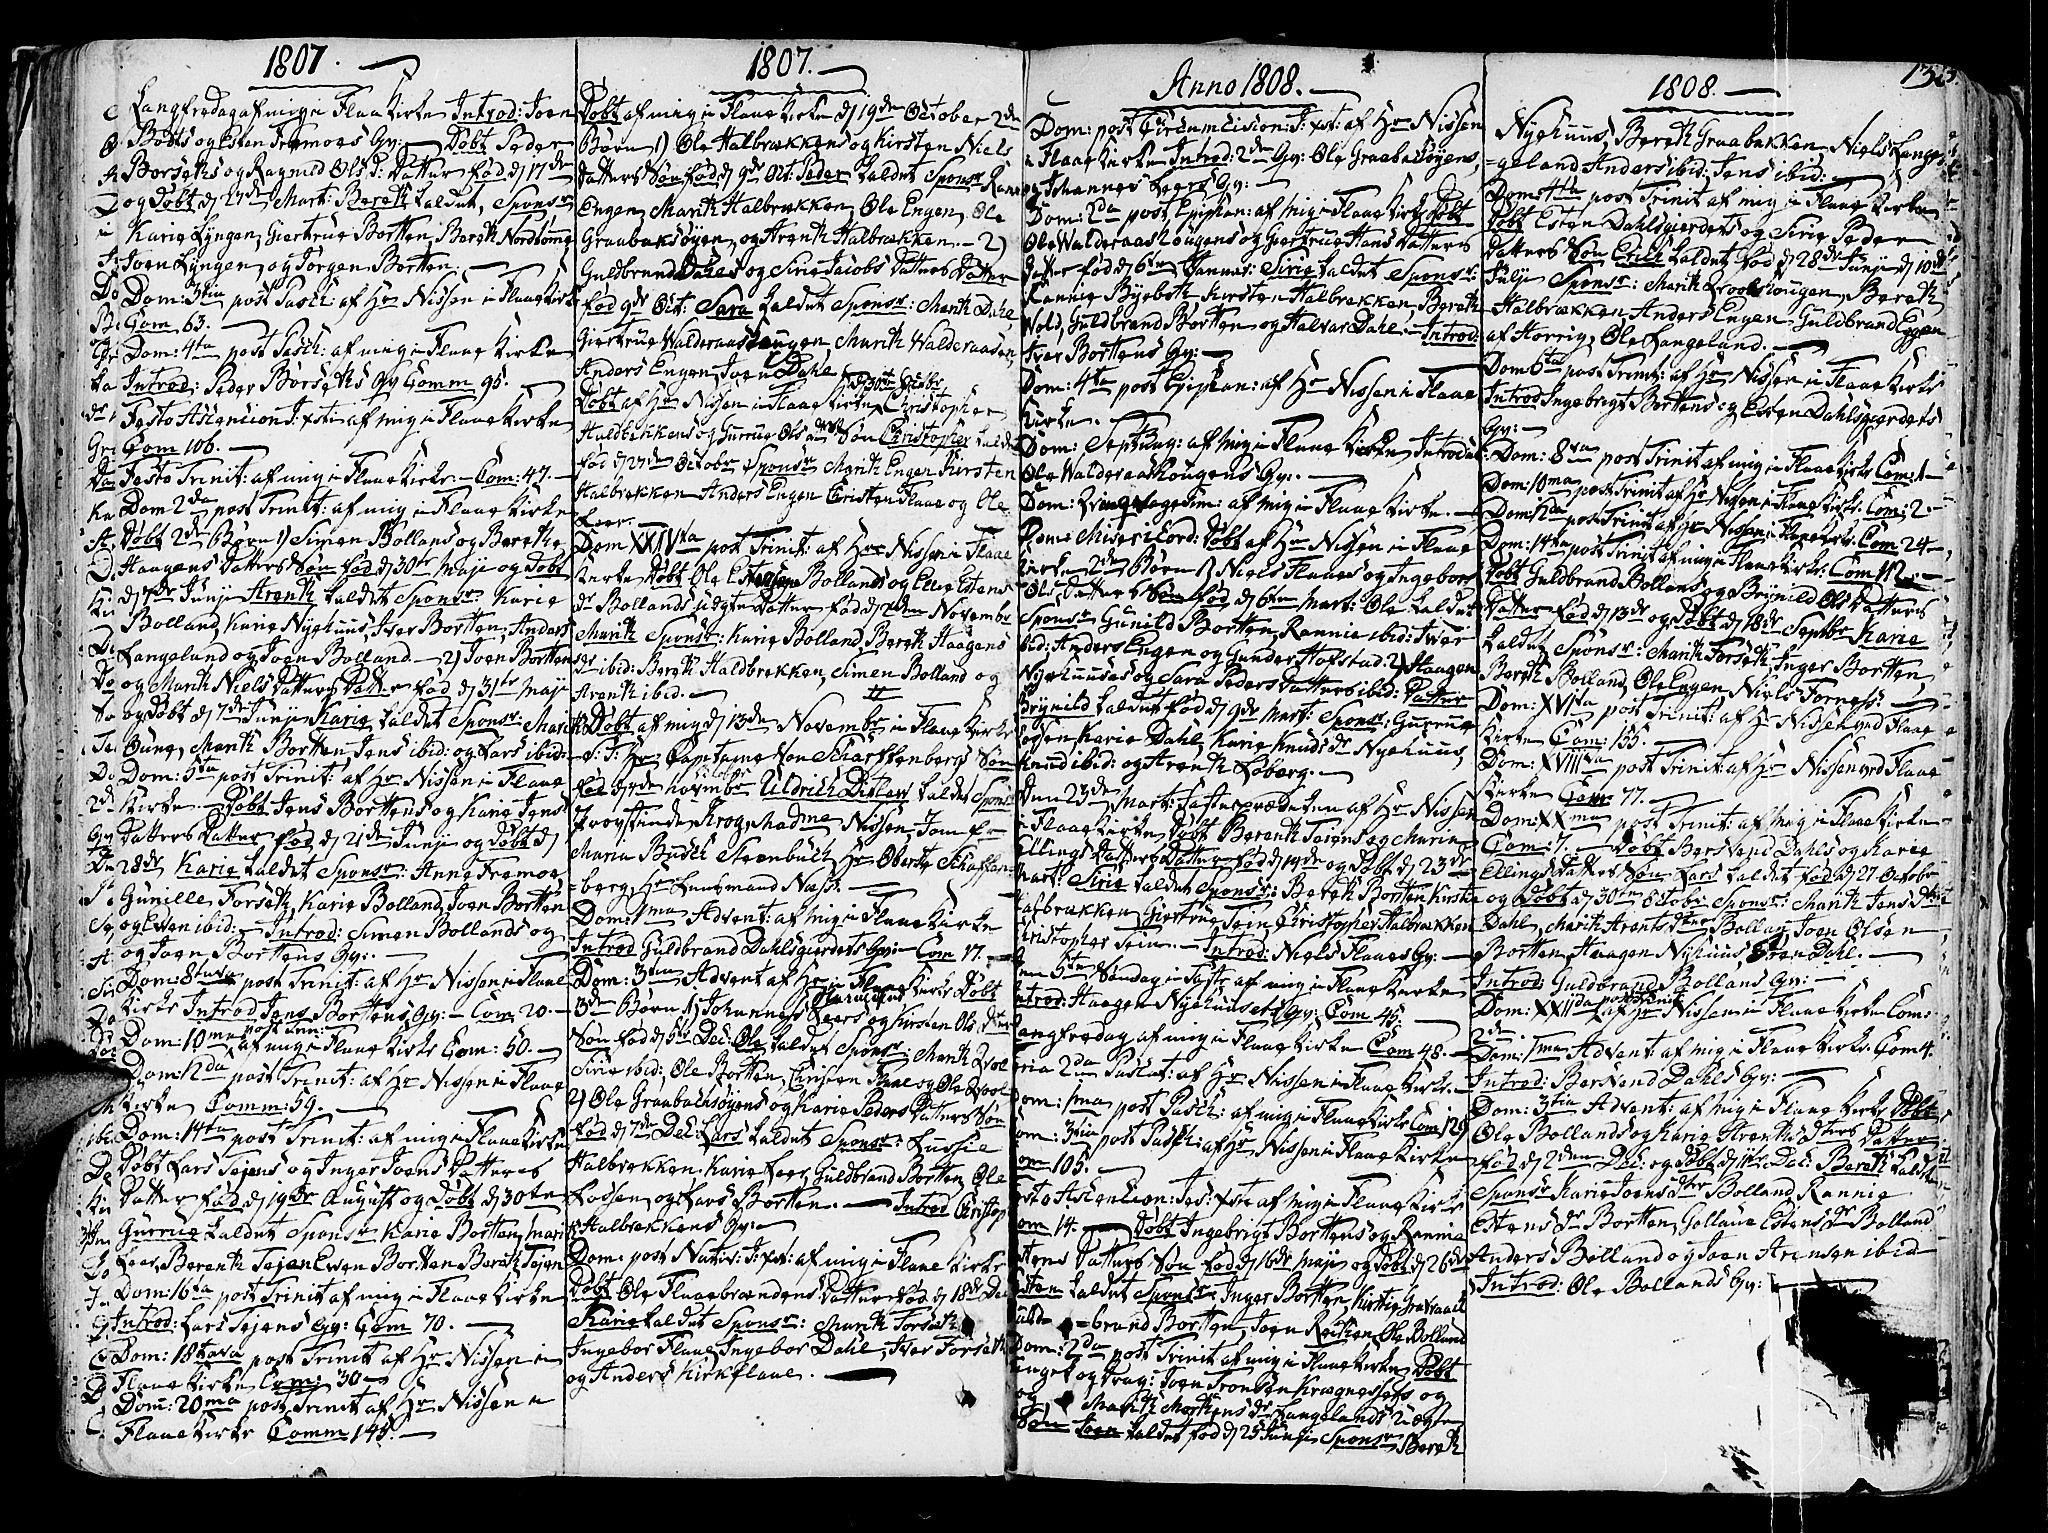 SAT, Ministerialprotokoller, klokkerbøker og fødselsregistre - Sør-Trøndelag, 691/L1062: Ministerialbok nr. 691A02 /2, 1768-1815, s. 132